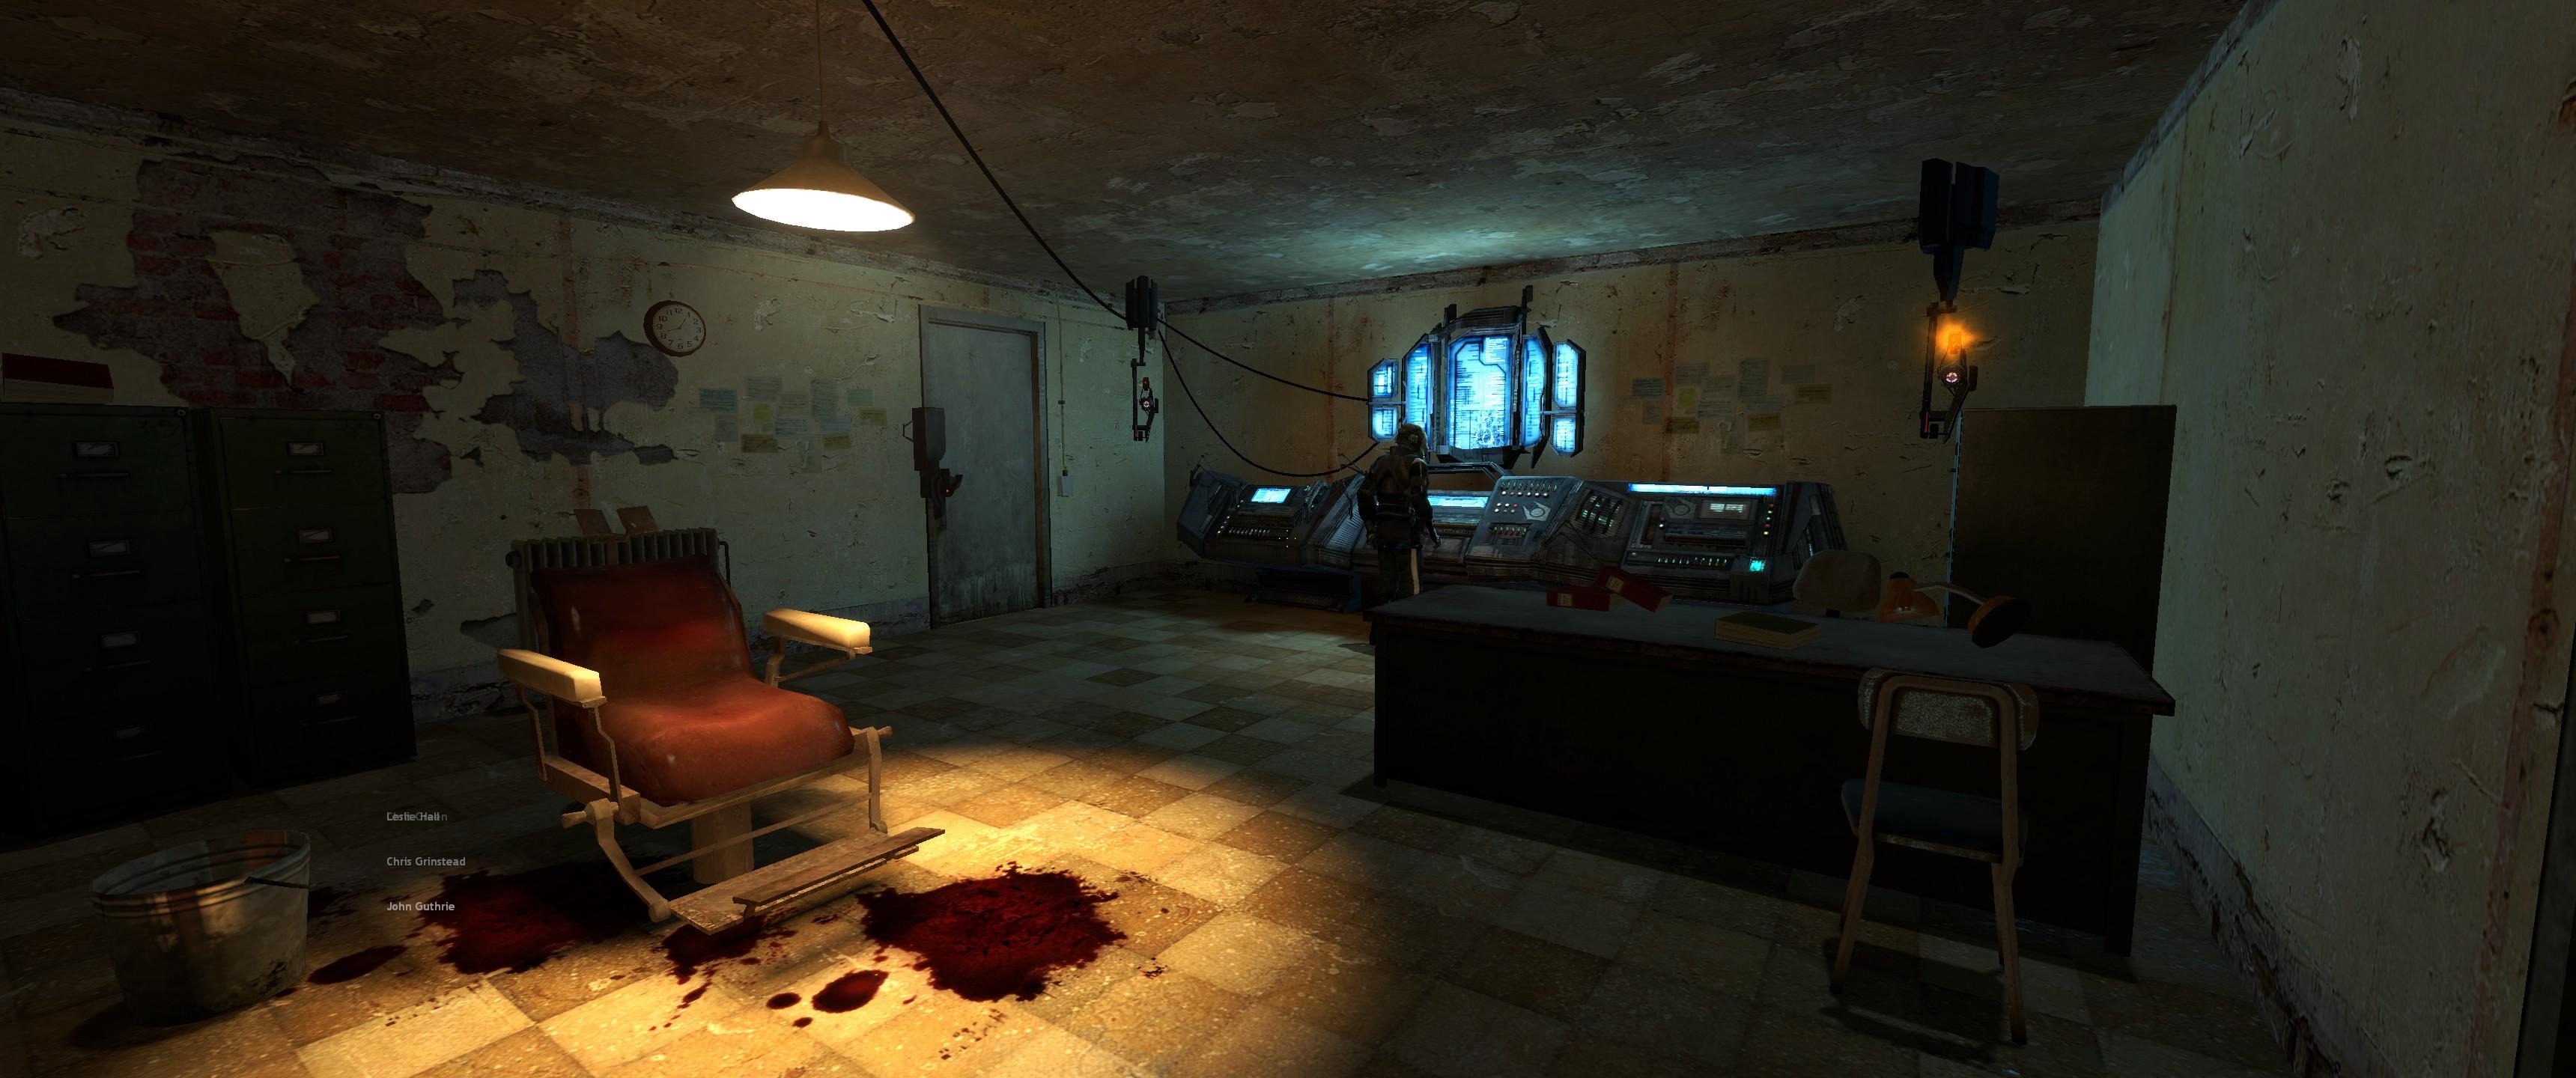 Half-Life 2 Update (6)